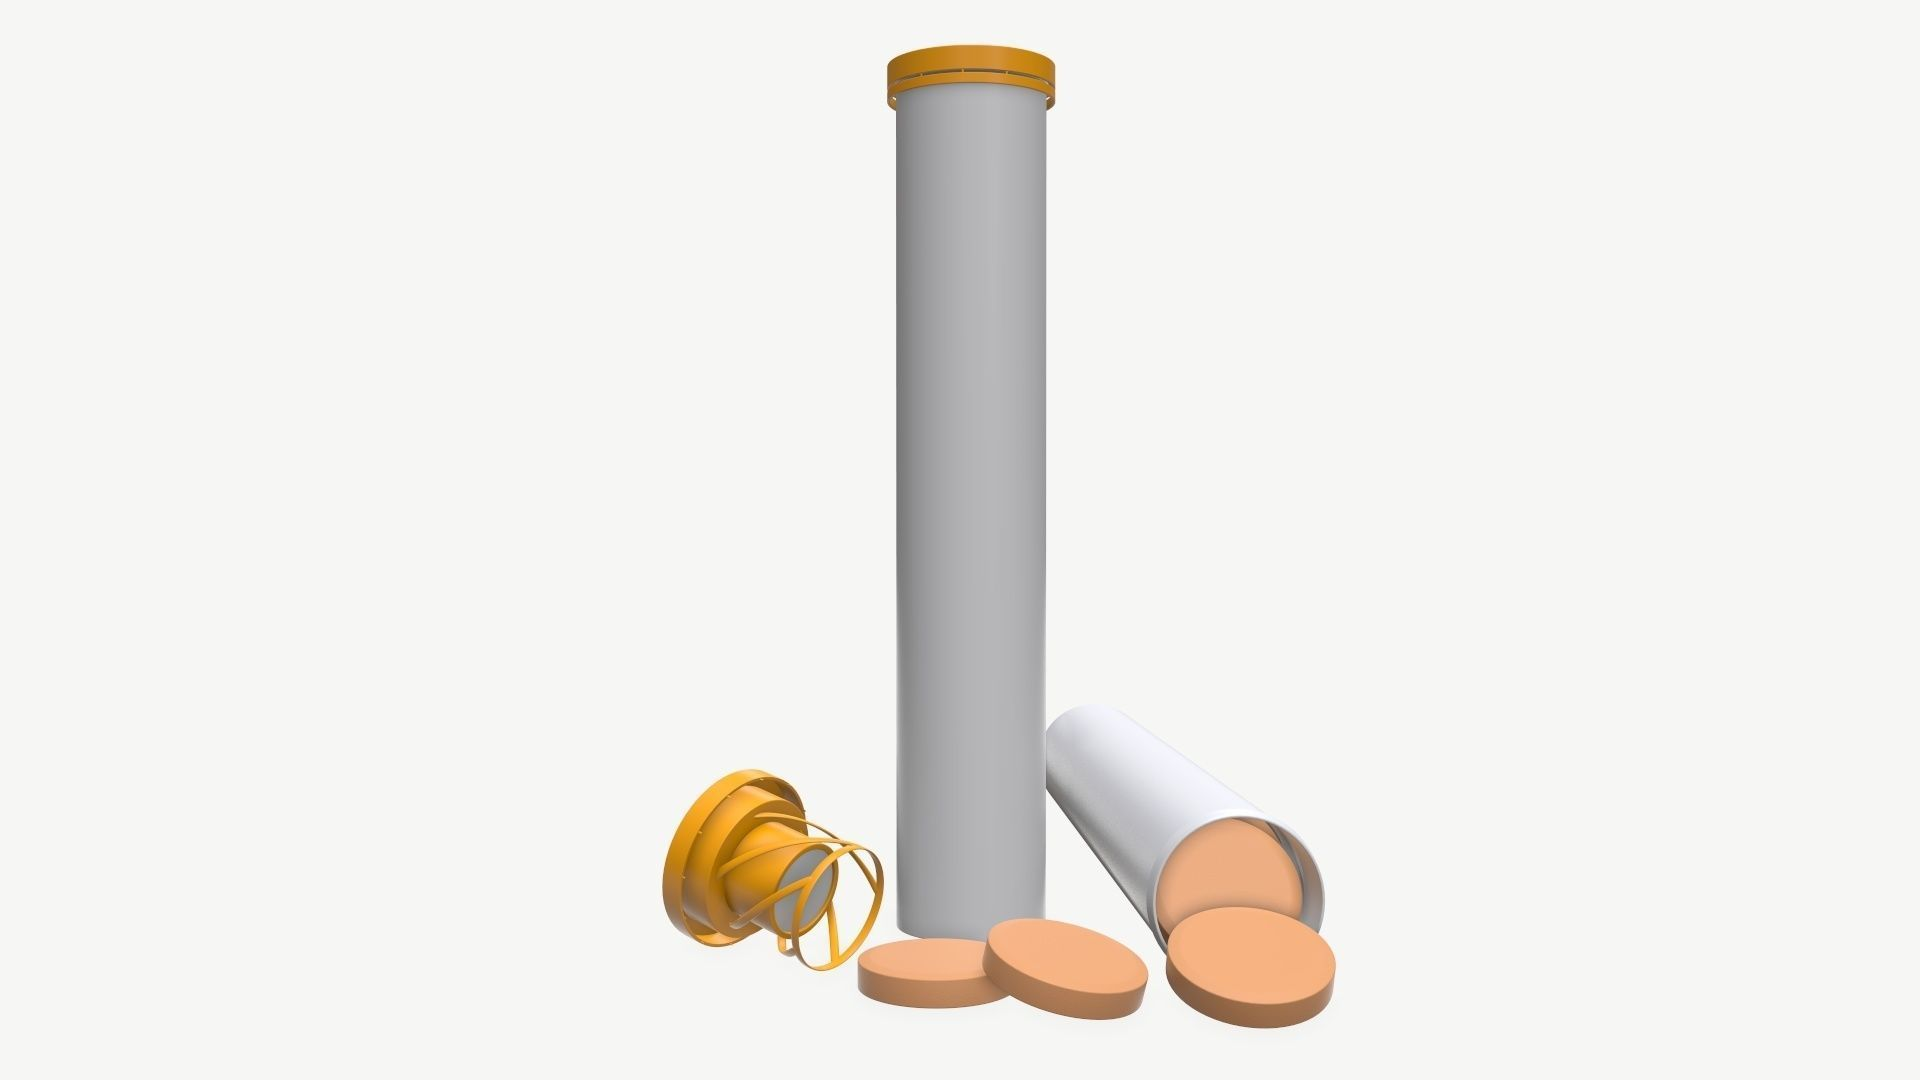 Vitamin tube